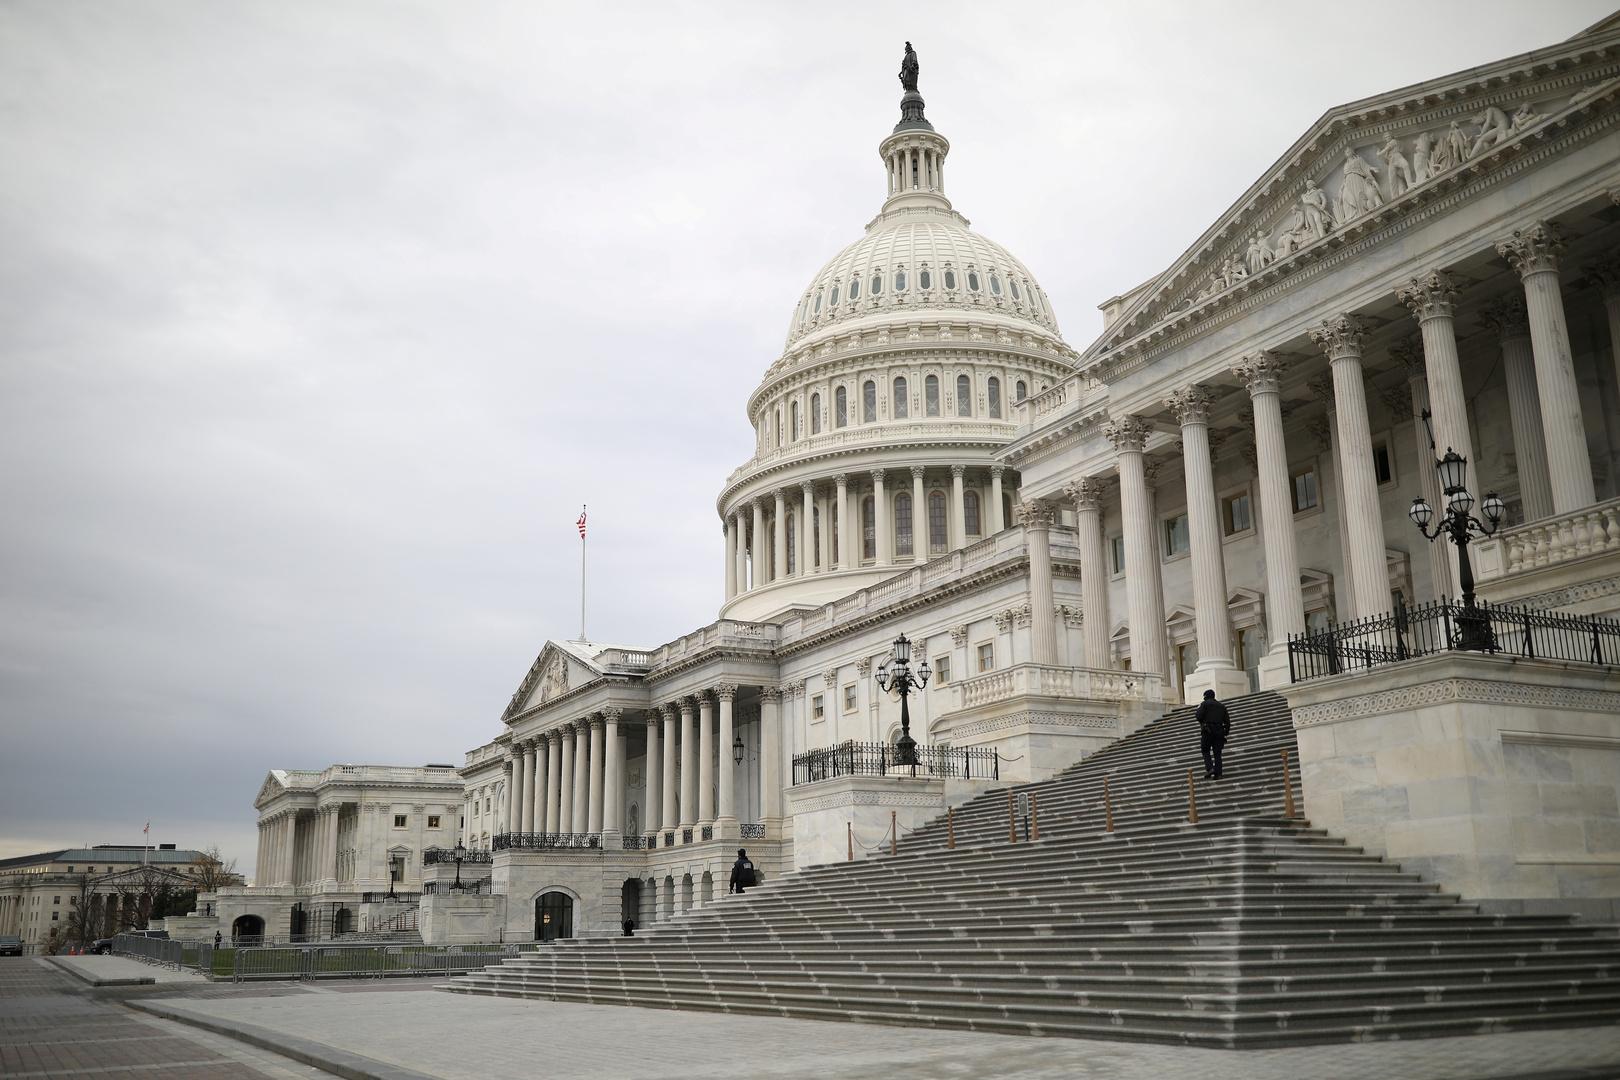 الشيوخ الأمريكي يصادق على الميزانية الدفاعية التي تتضمن عقوبات ضد روسيا وتركيا